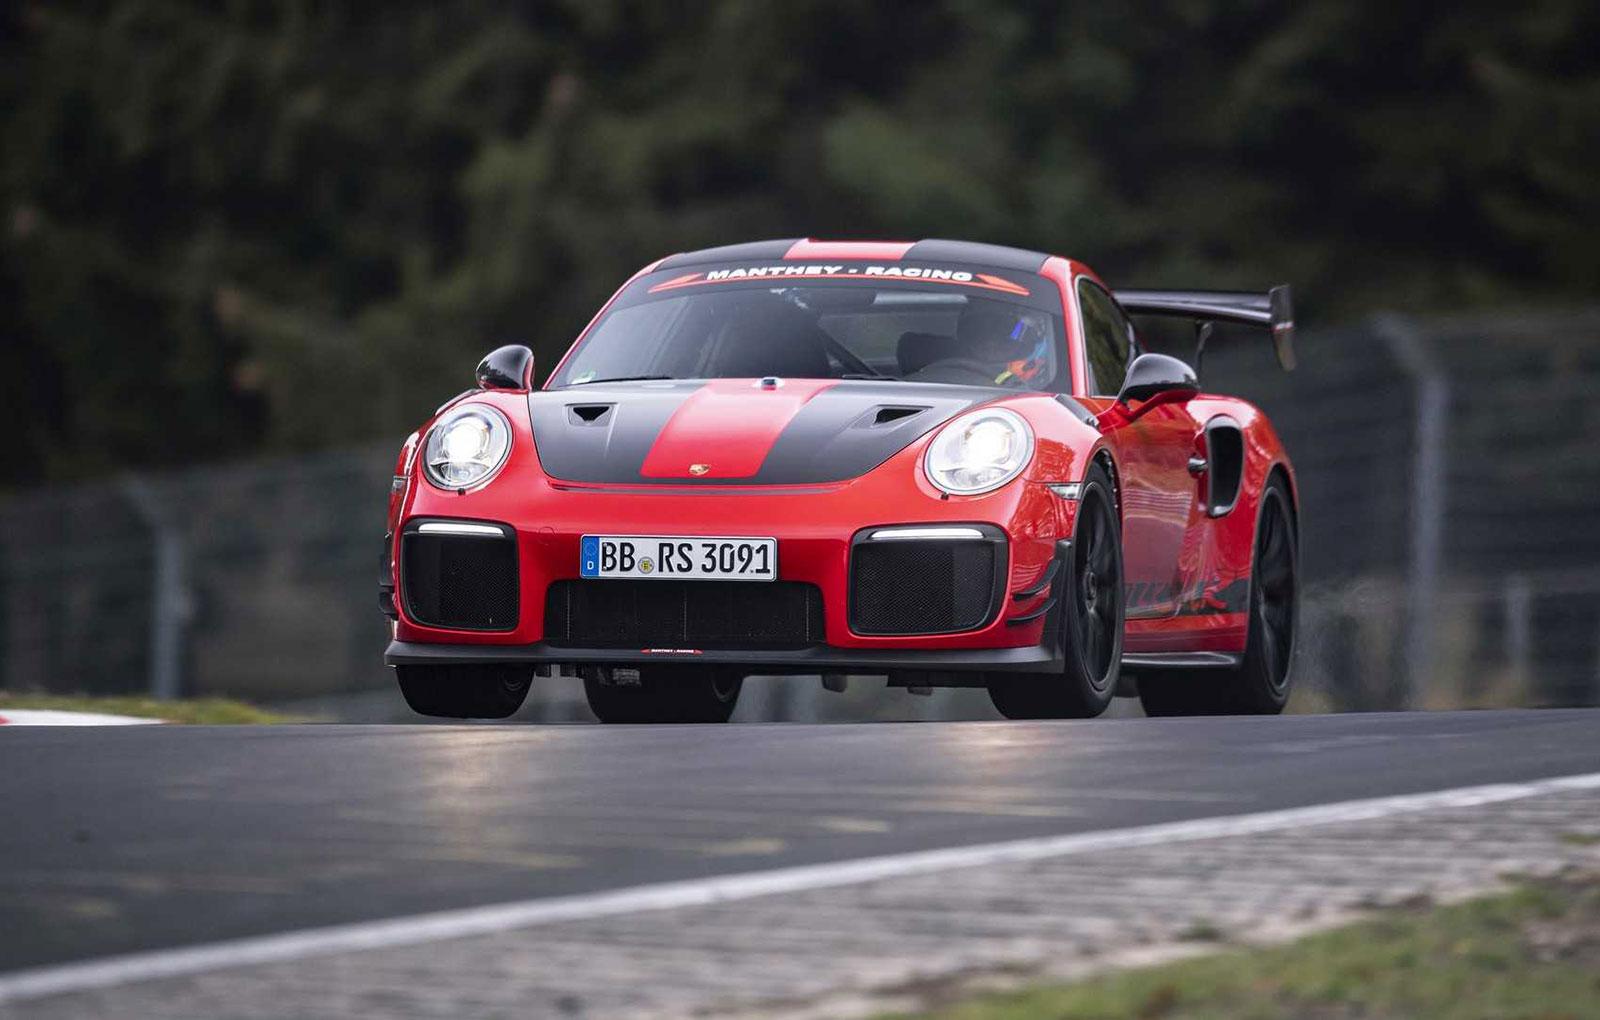 Lamborghini a pierdut titlul de cea mai rapida masina de strada de pe Nurburgring. Recordul batut cu aproape 5 secunde